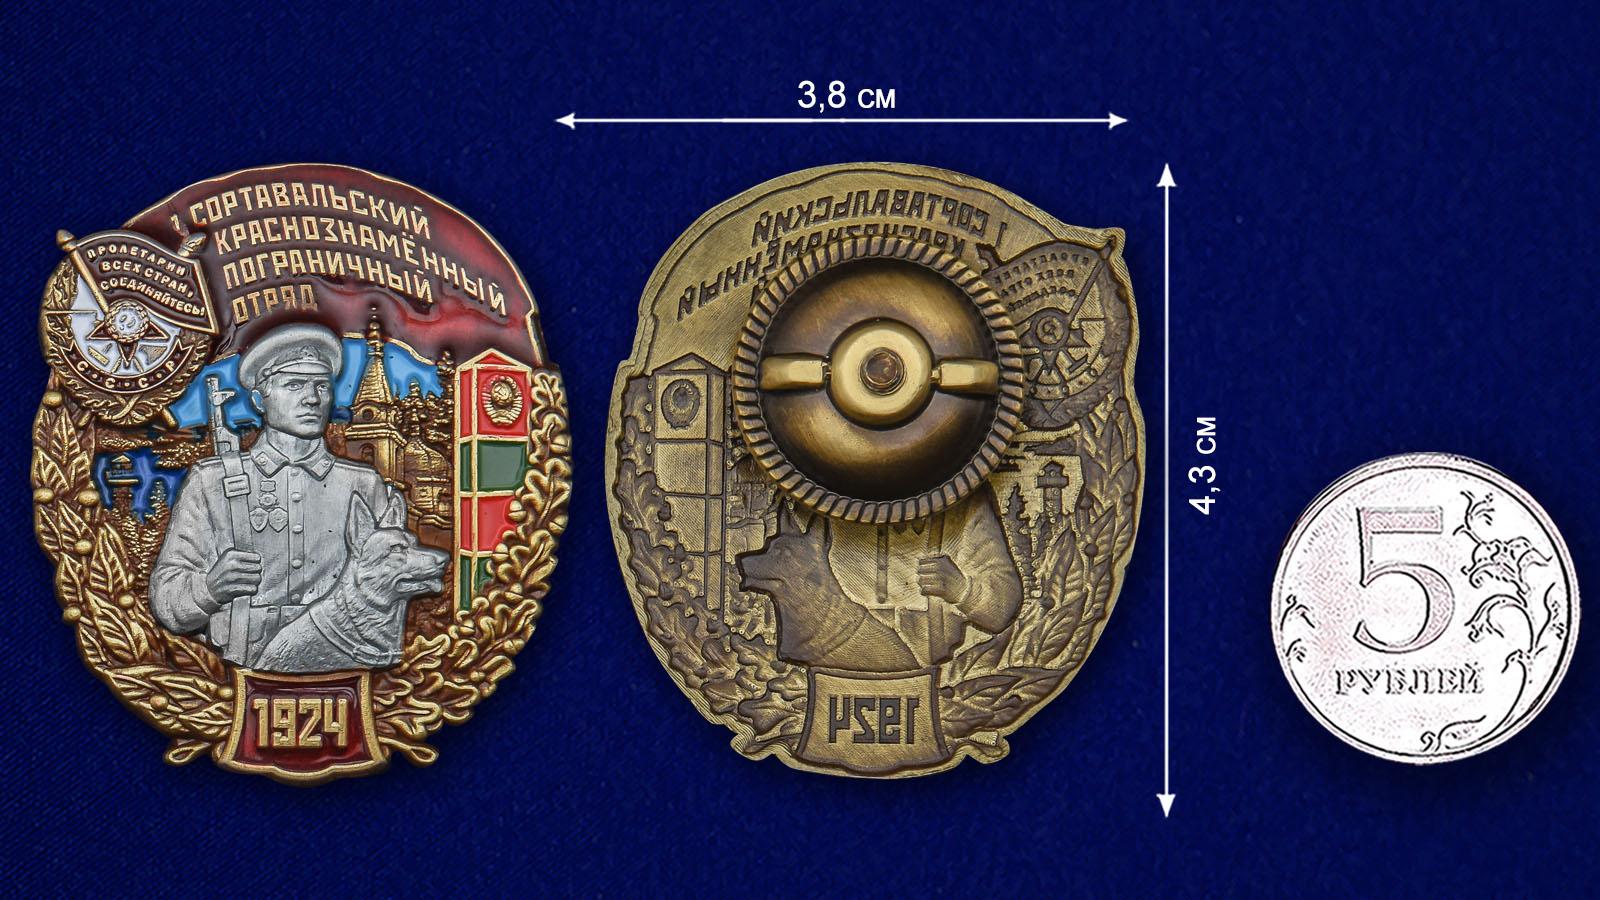 Наградной знак 1 Сортавальский Краснознамённый Пограничный отряд - сравнительный вид